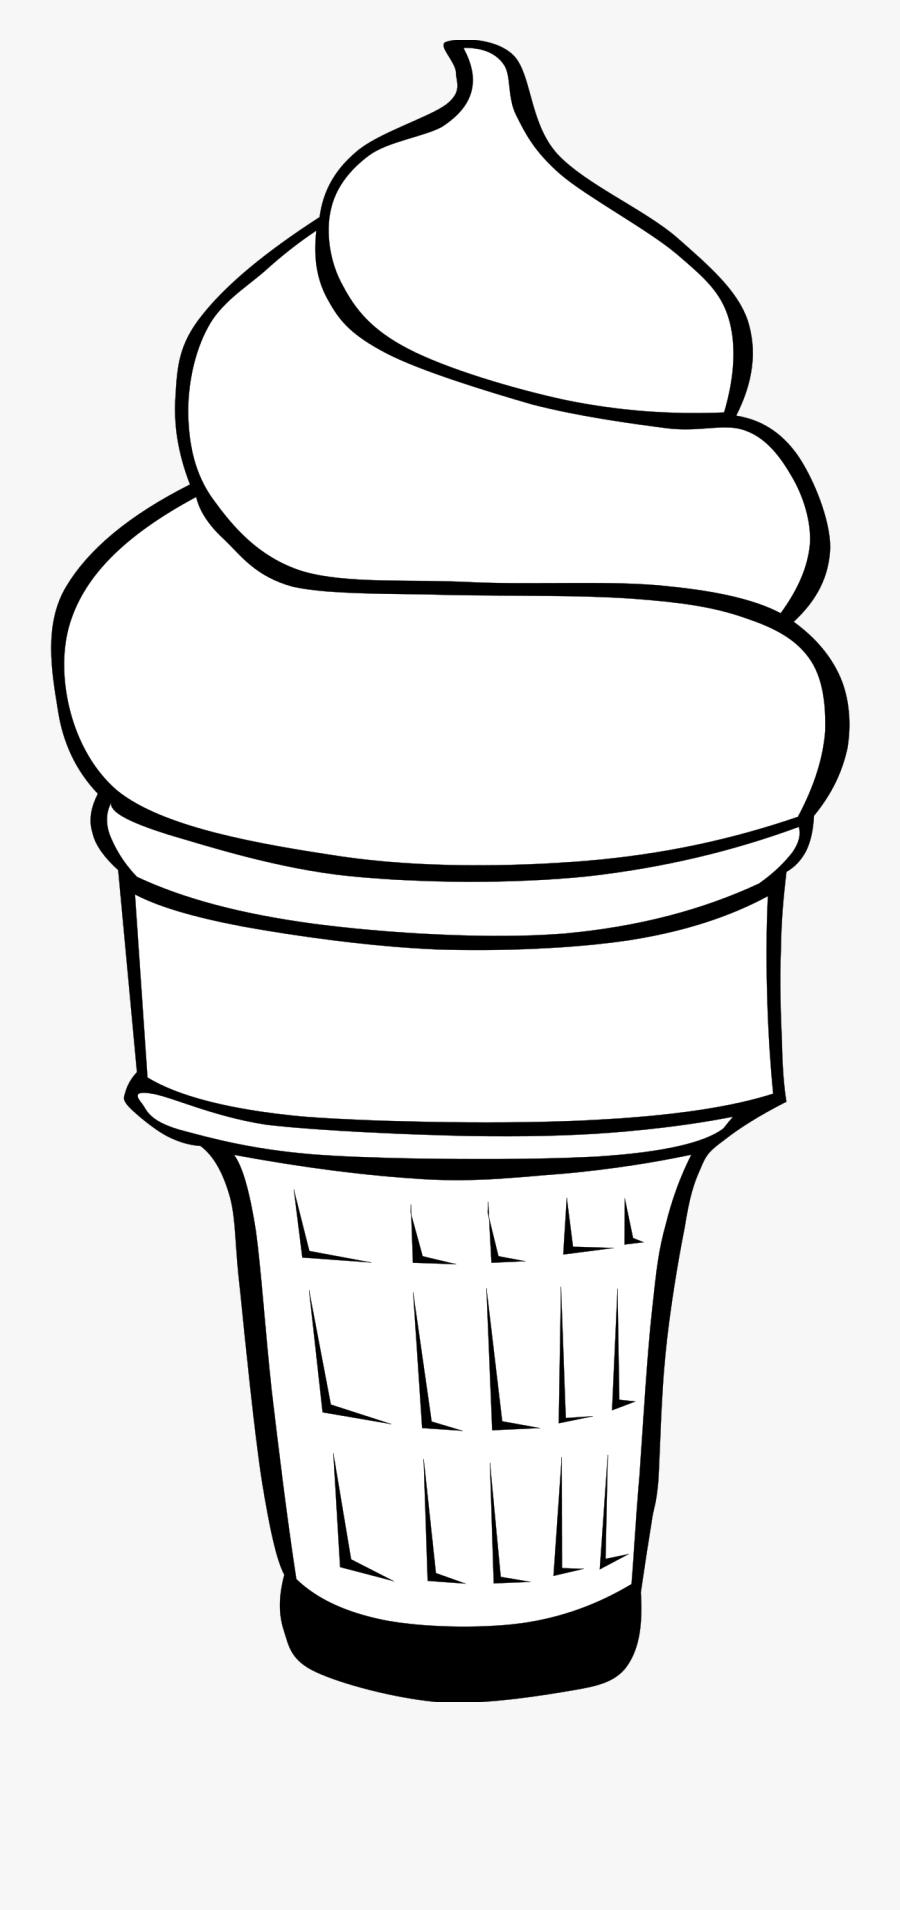 Clipart Of Ice Cream Cone - Ice Cream Cone Clip Art, Transparent Clipart